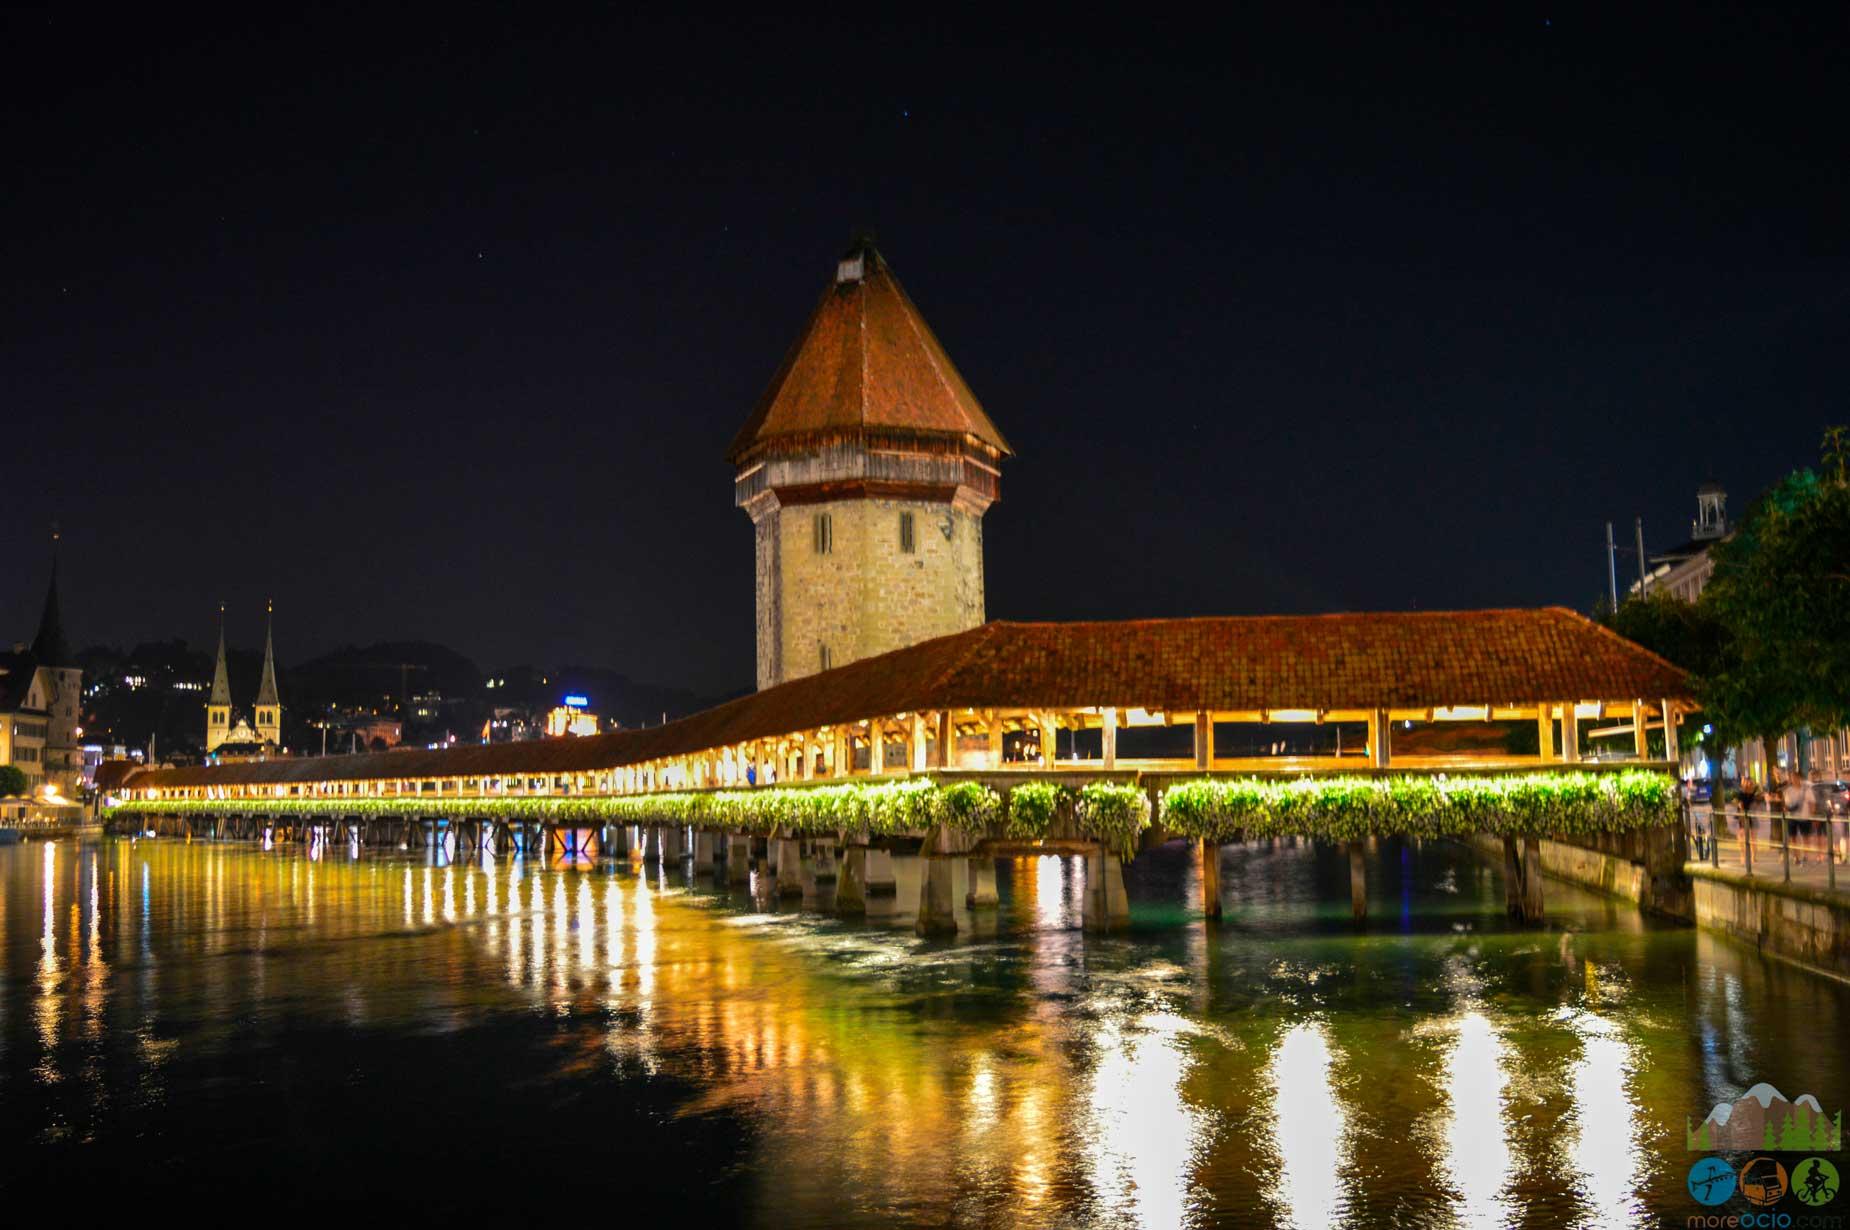 Qué ver en Suiza Lucerna - Mis viajes por ahí » Mis viajes